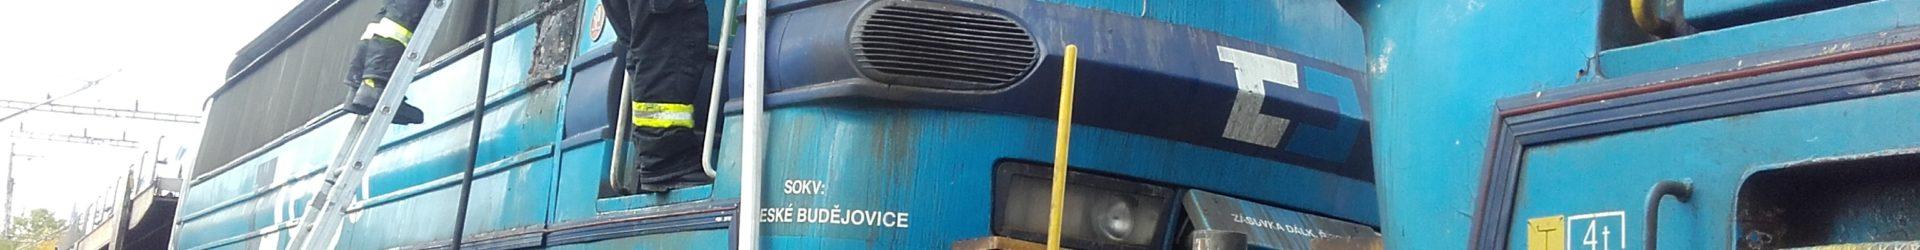 Požár lokomotivy a dopravní nehoda